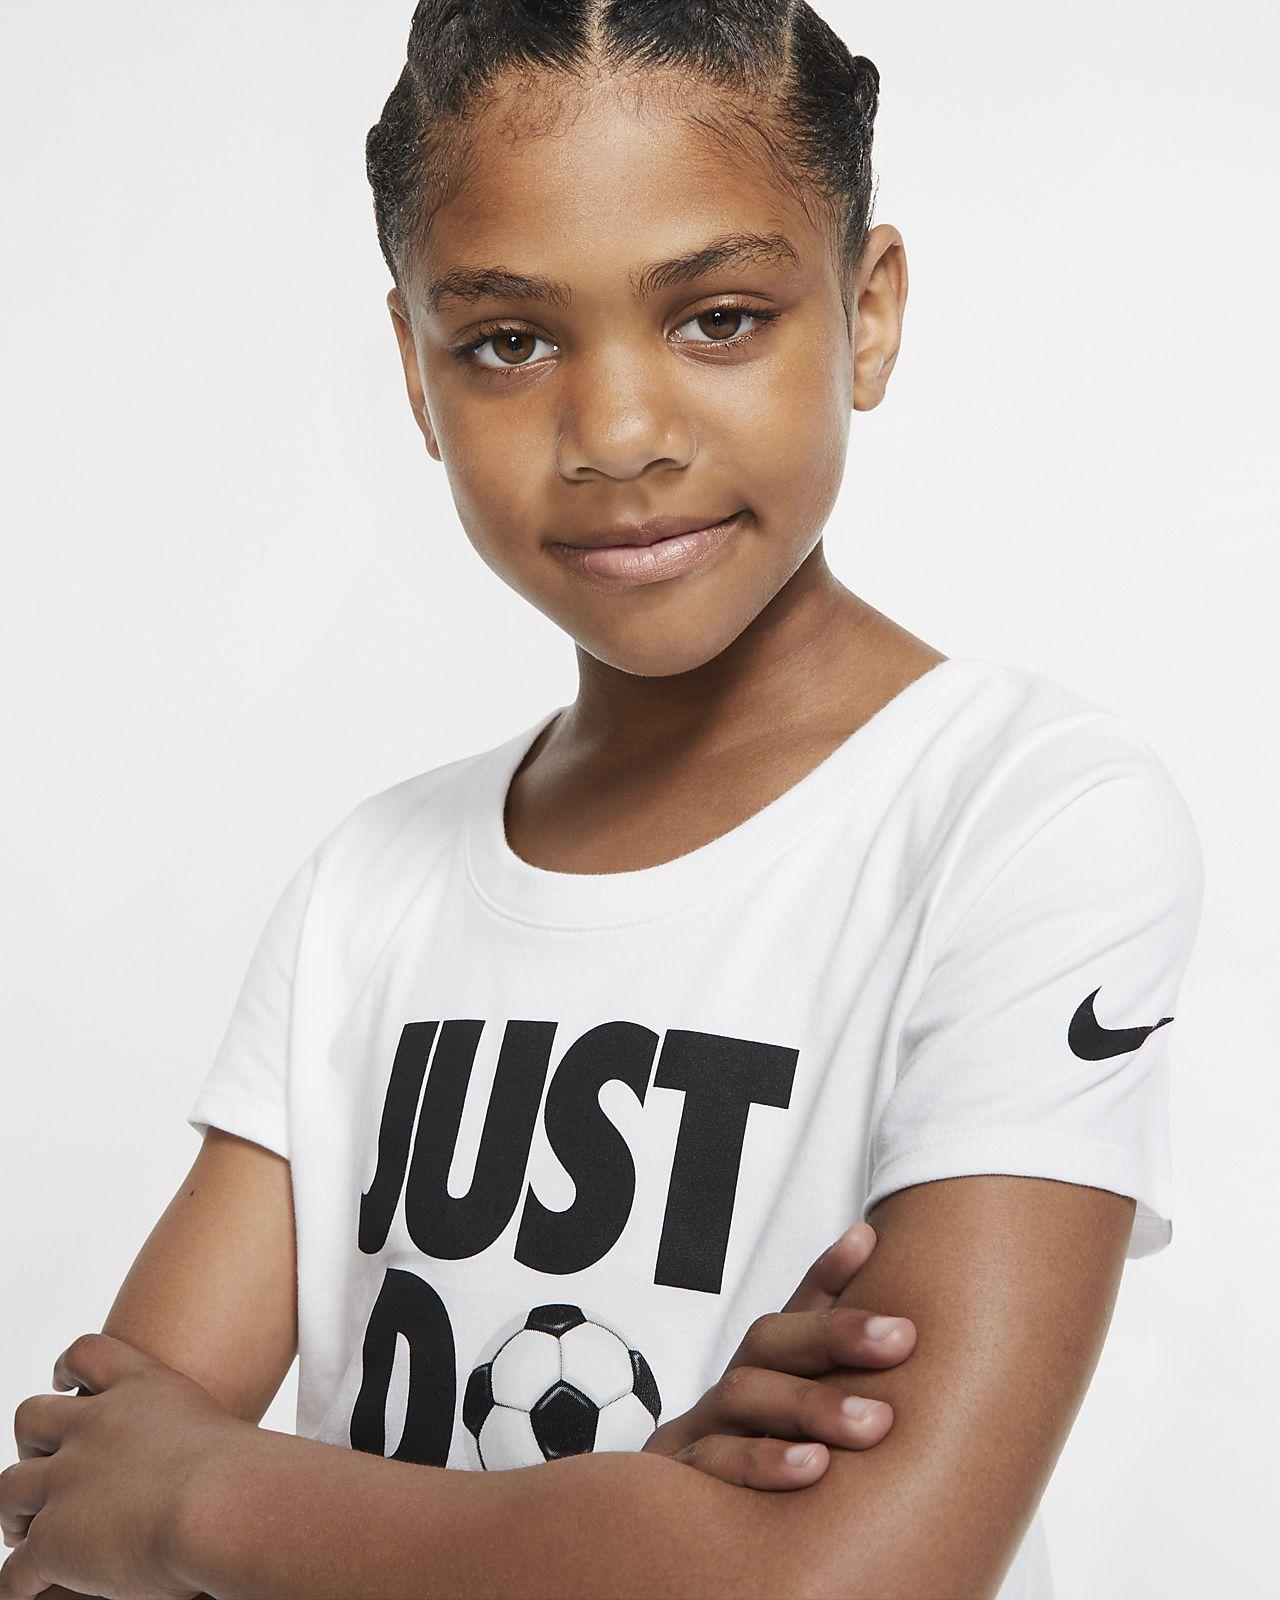 75d9a2b9 Nike Dri-FIT Big Kids' Just Do It Soccer T-Shirt. Nike.com